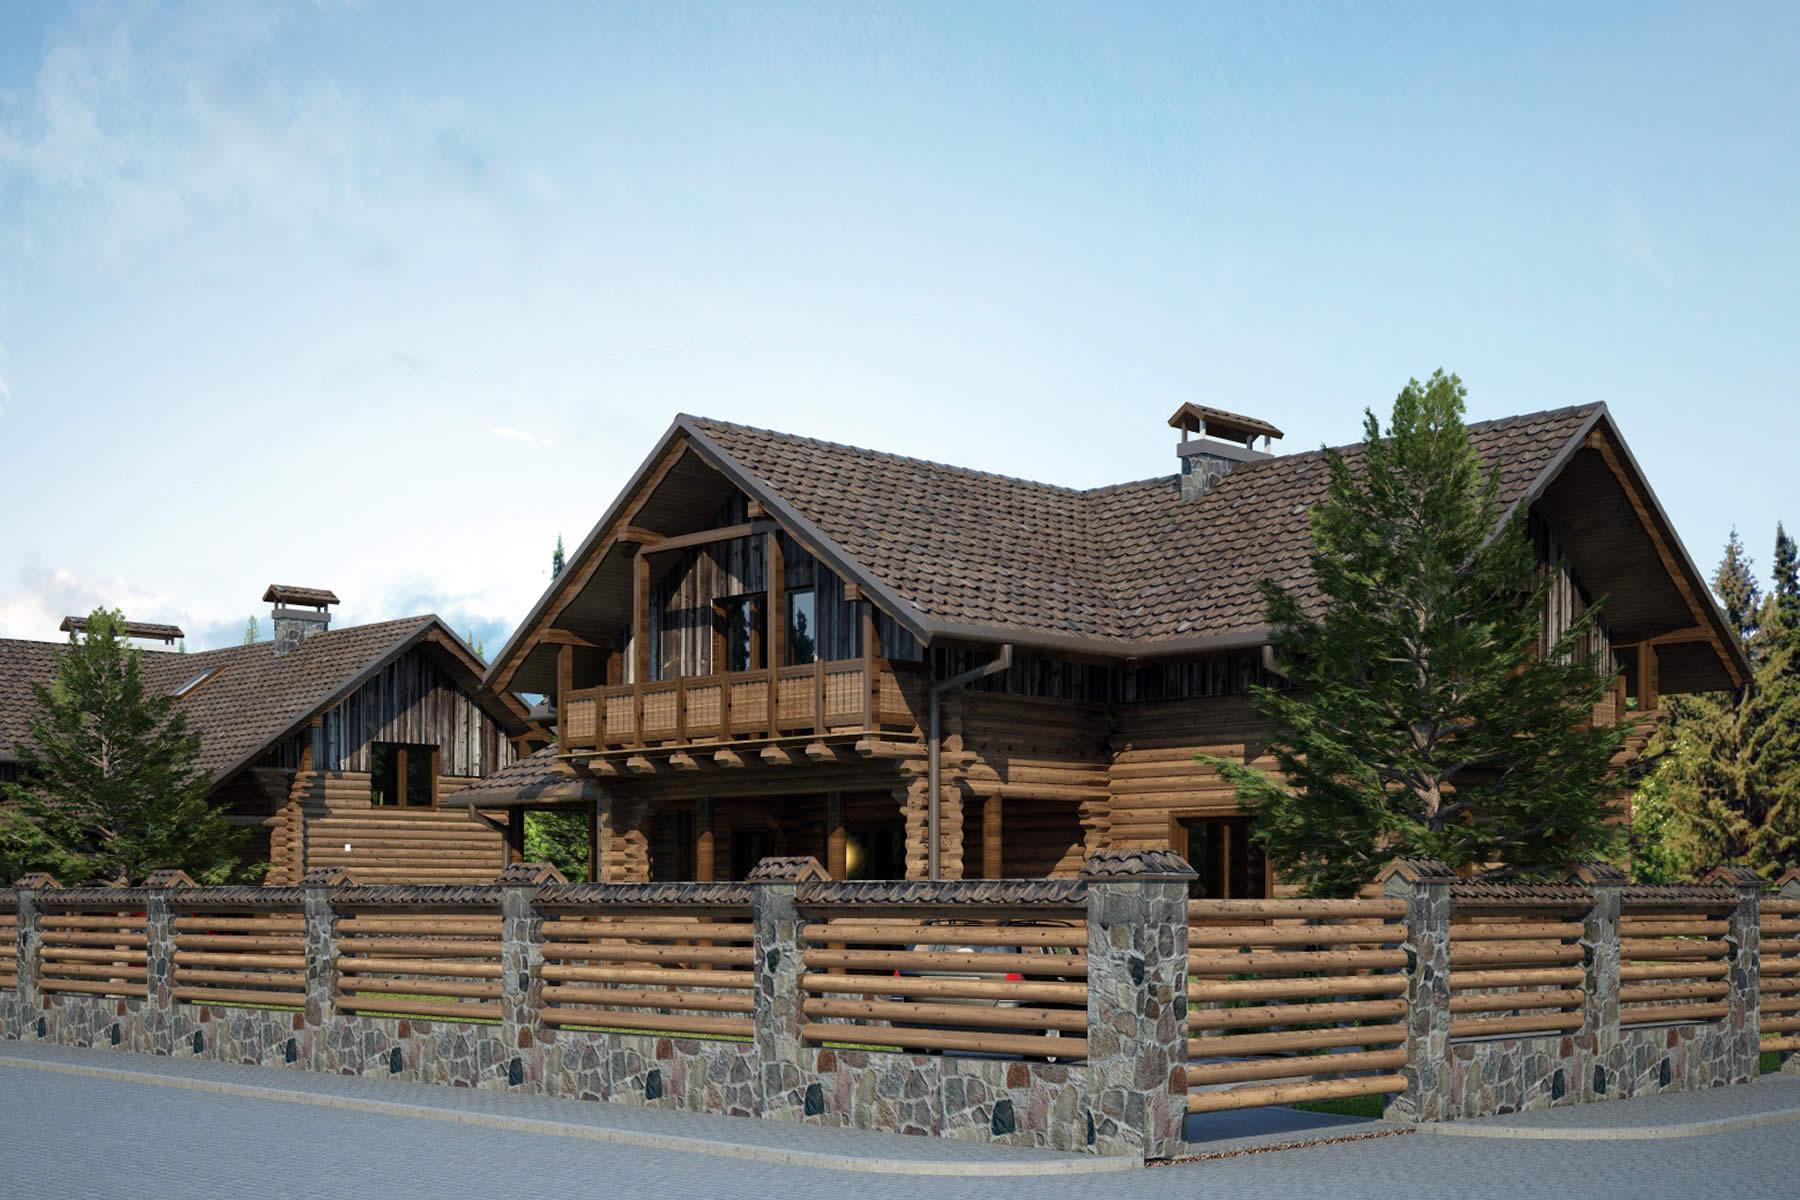 Blockhaus Villa Colorado Ansicht von der Straße mit Zaun